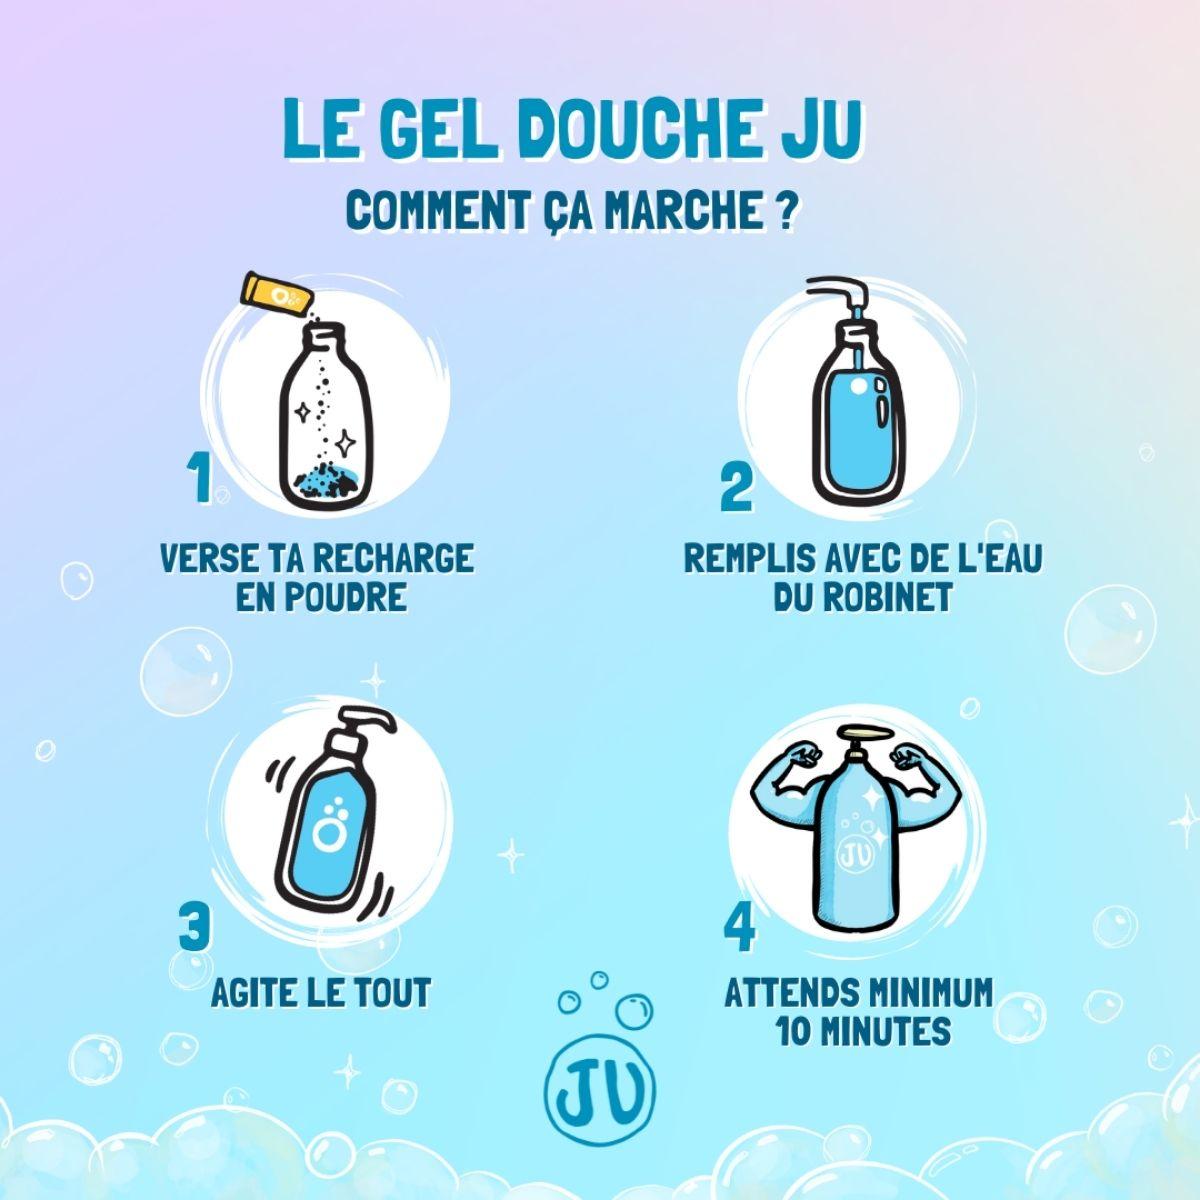 Tutoriel utilisation gel douche rechargeable JU